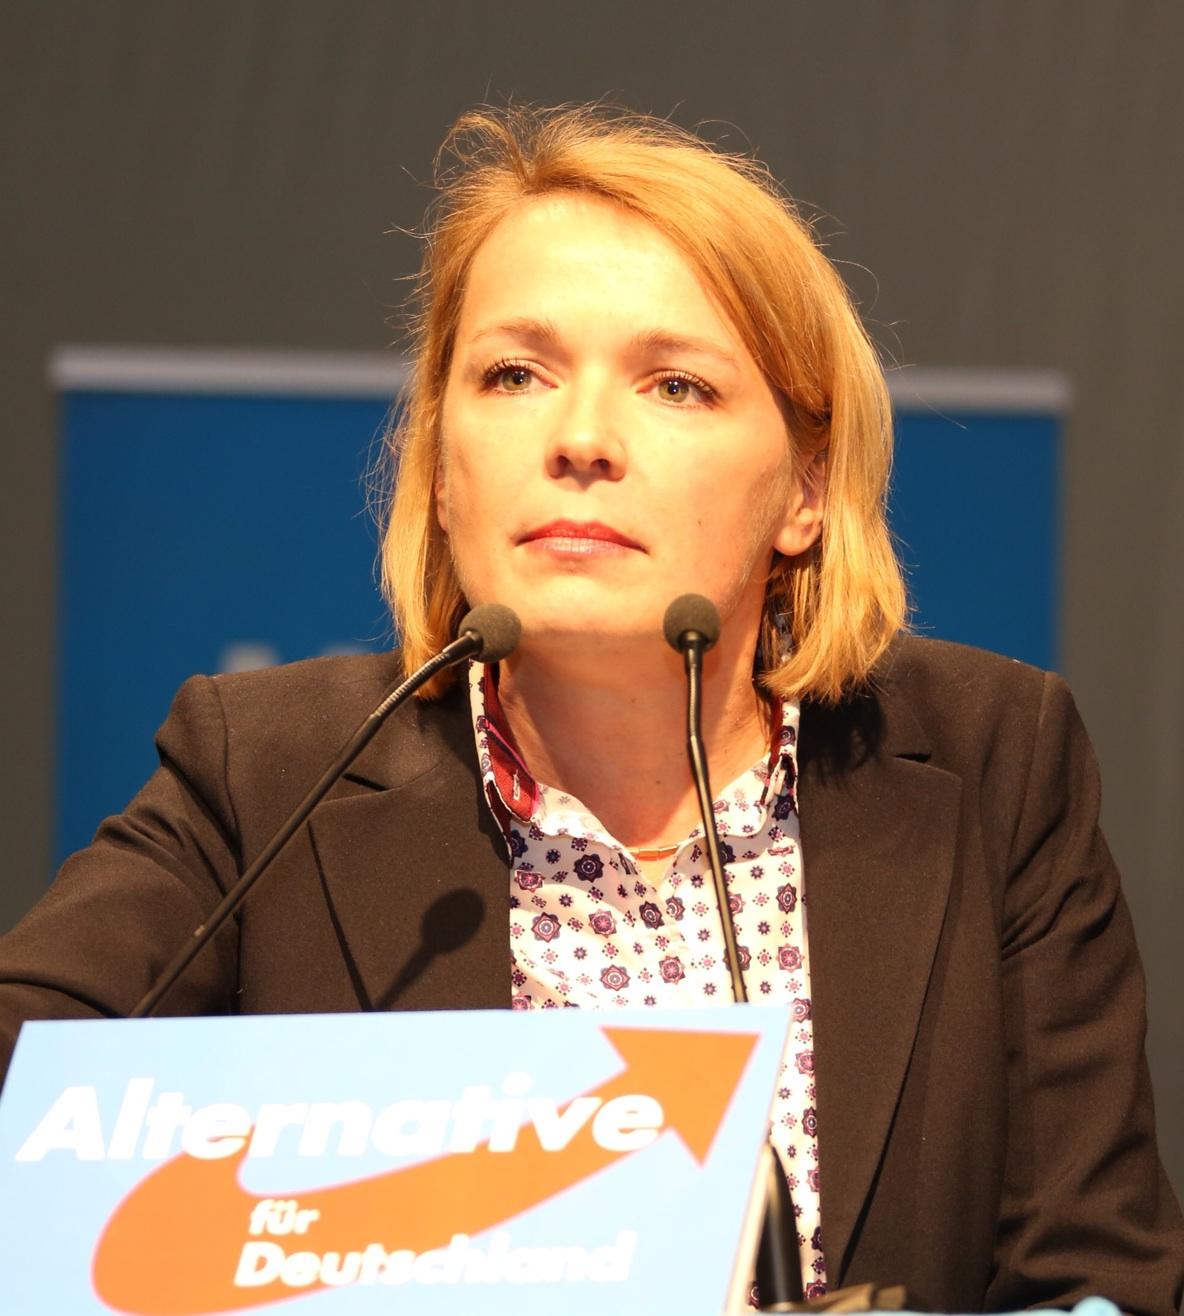 Ulrike Trebesius, AfD Parteitag 25.1.2014 in Aschaffenburg.jpg